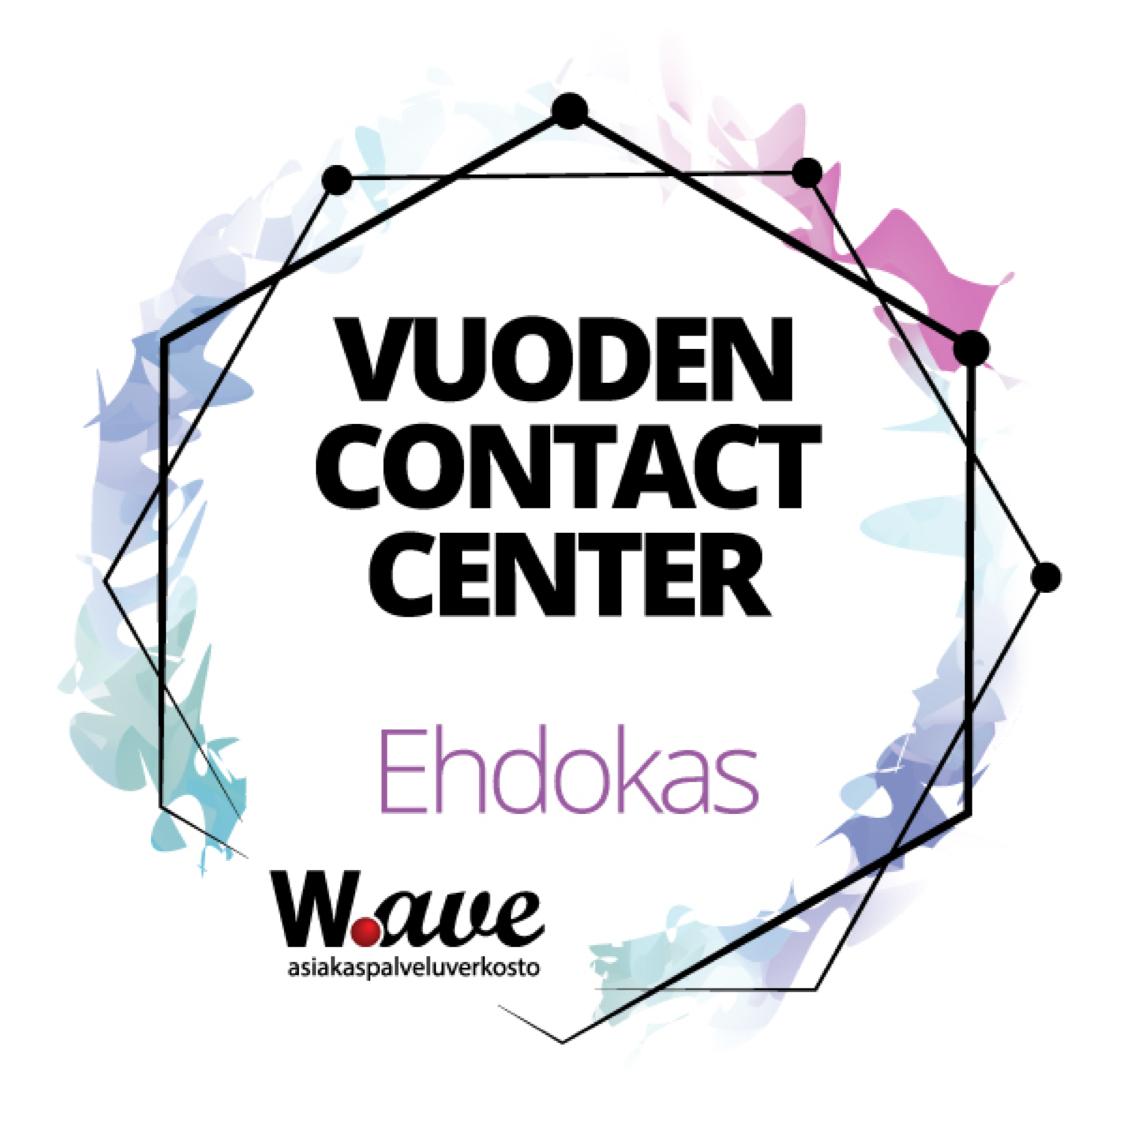 Vuoden Contact Center